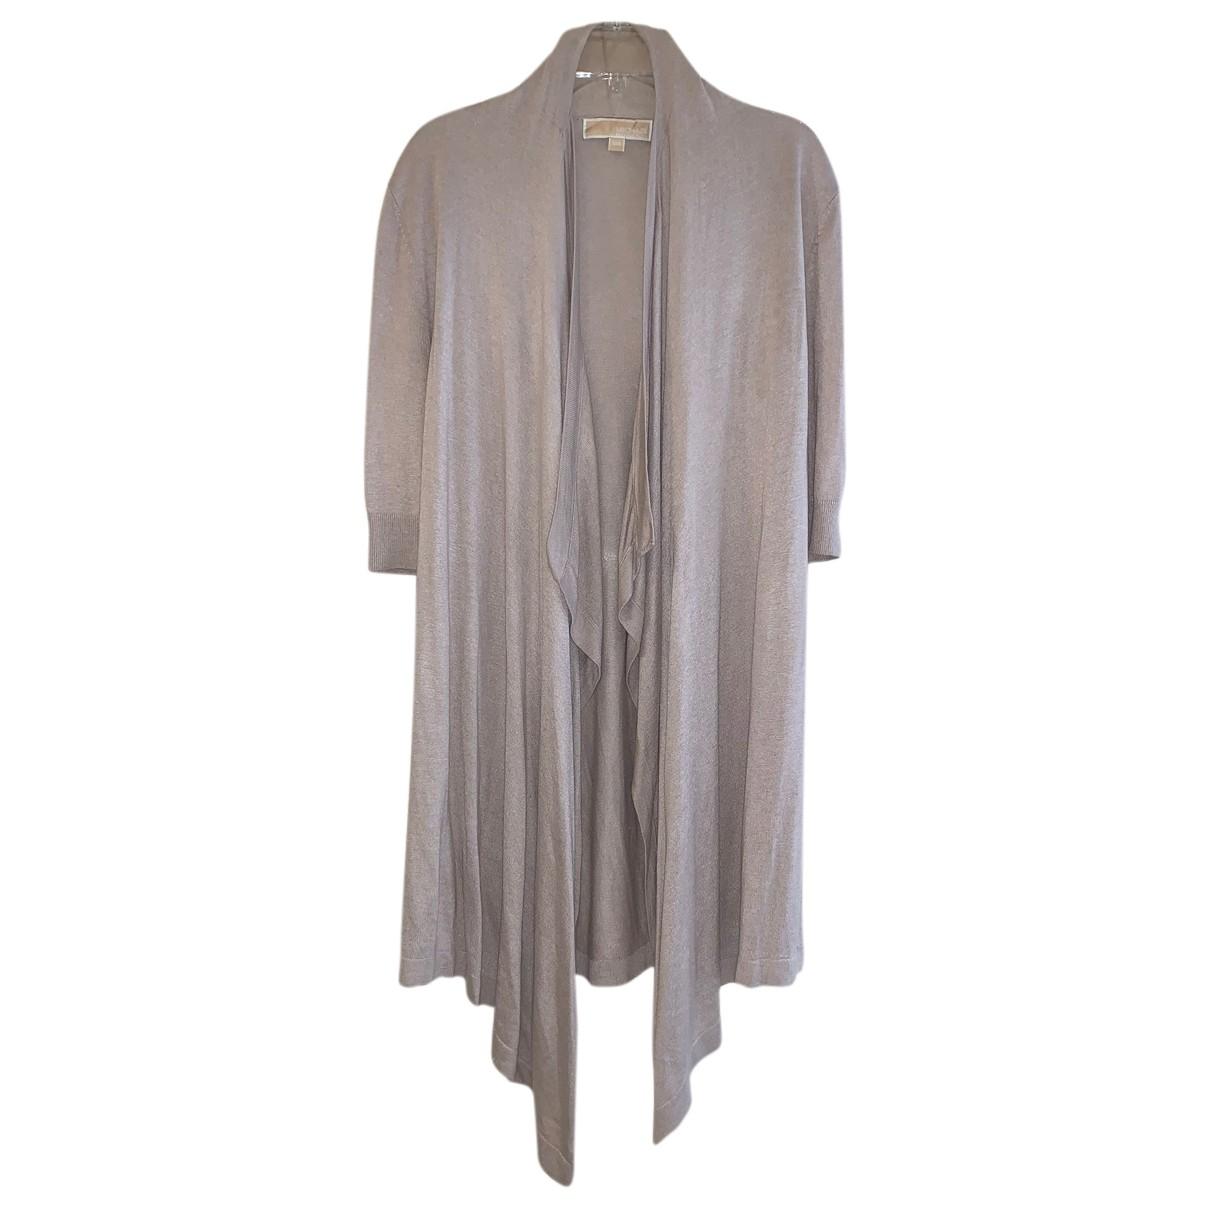 Michael Kors - Pull   pour femme en cachemire - beige